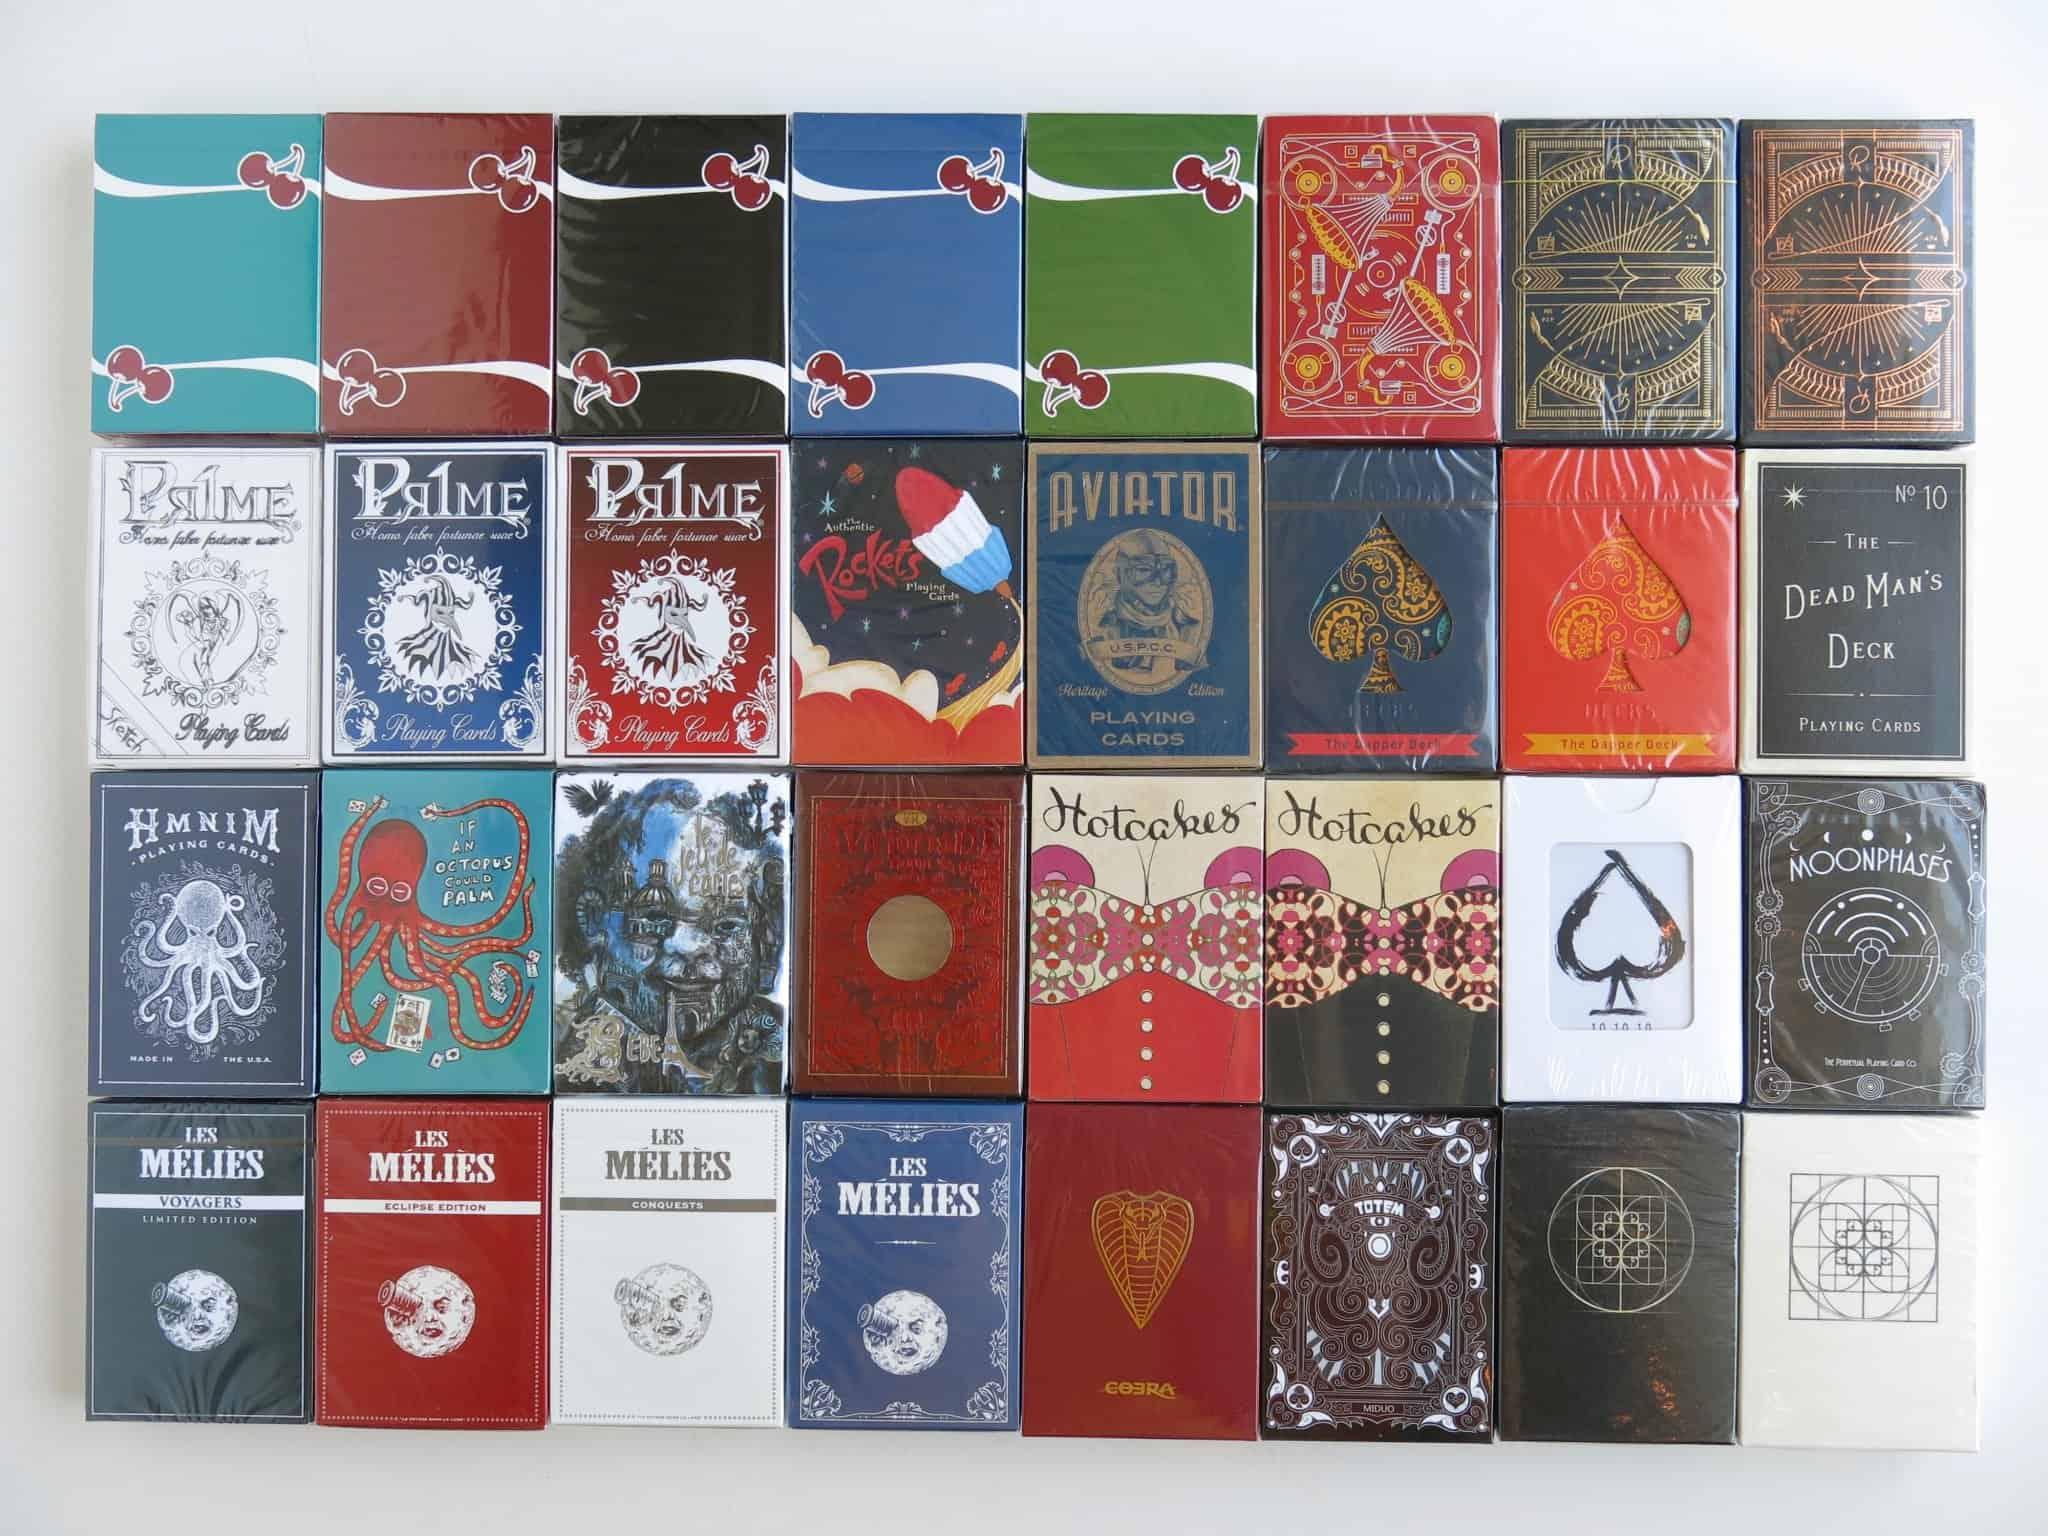 Part 1 of my collection… IMG_3036IMG_3025IMG_3030IMG_3019IMG_3023IMG_3026IMG_3014IMG_3015IMG_3